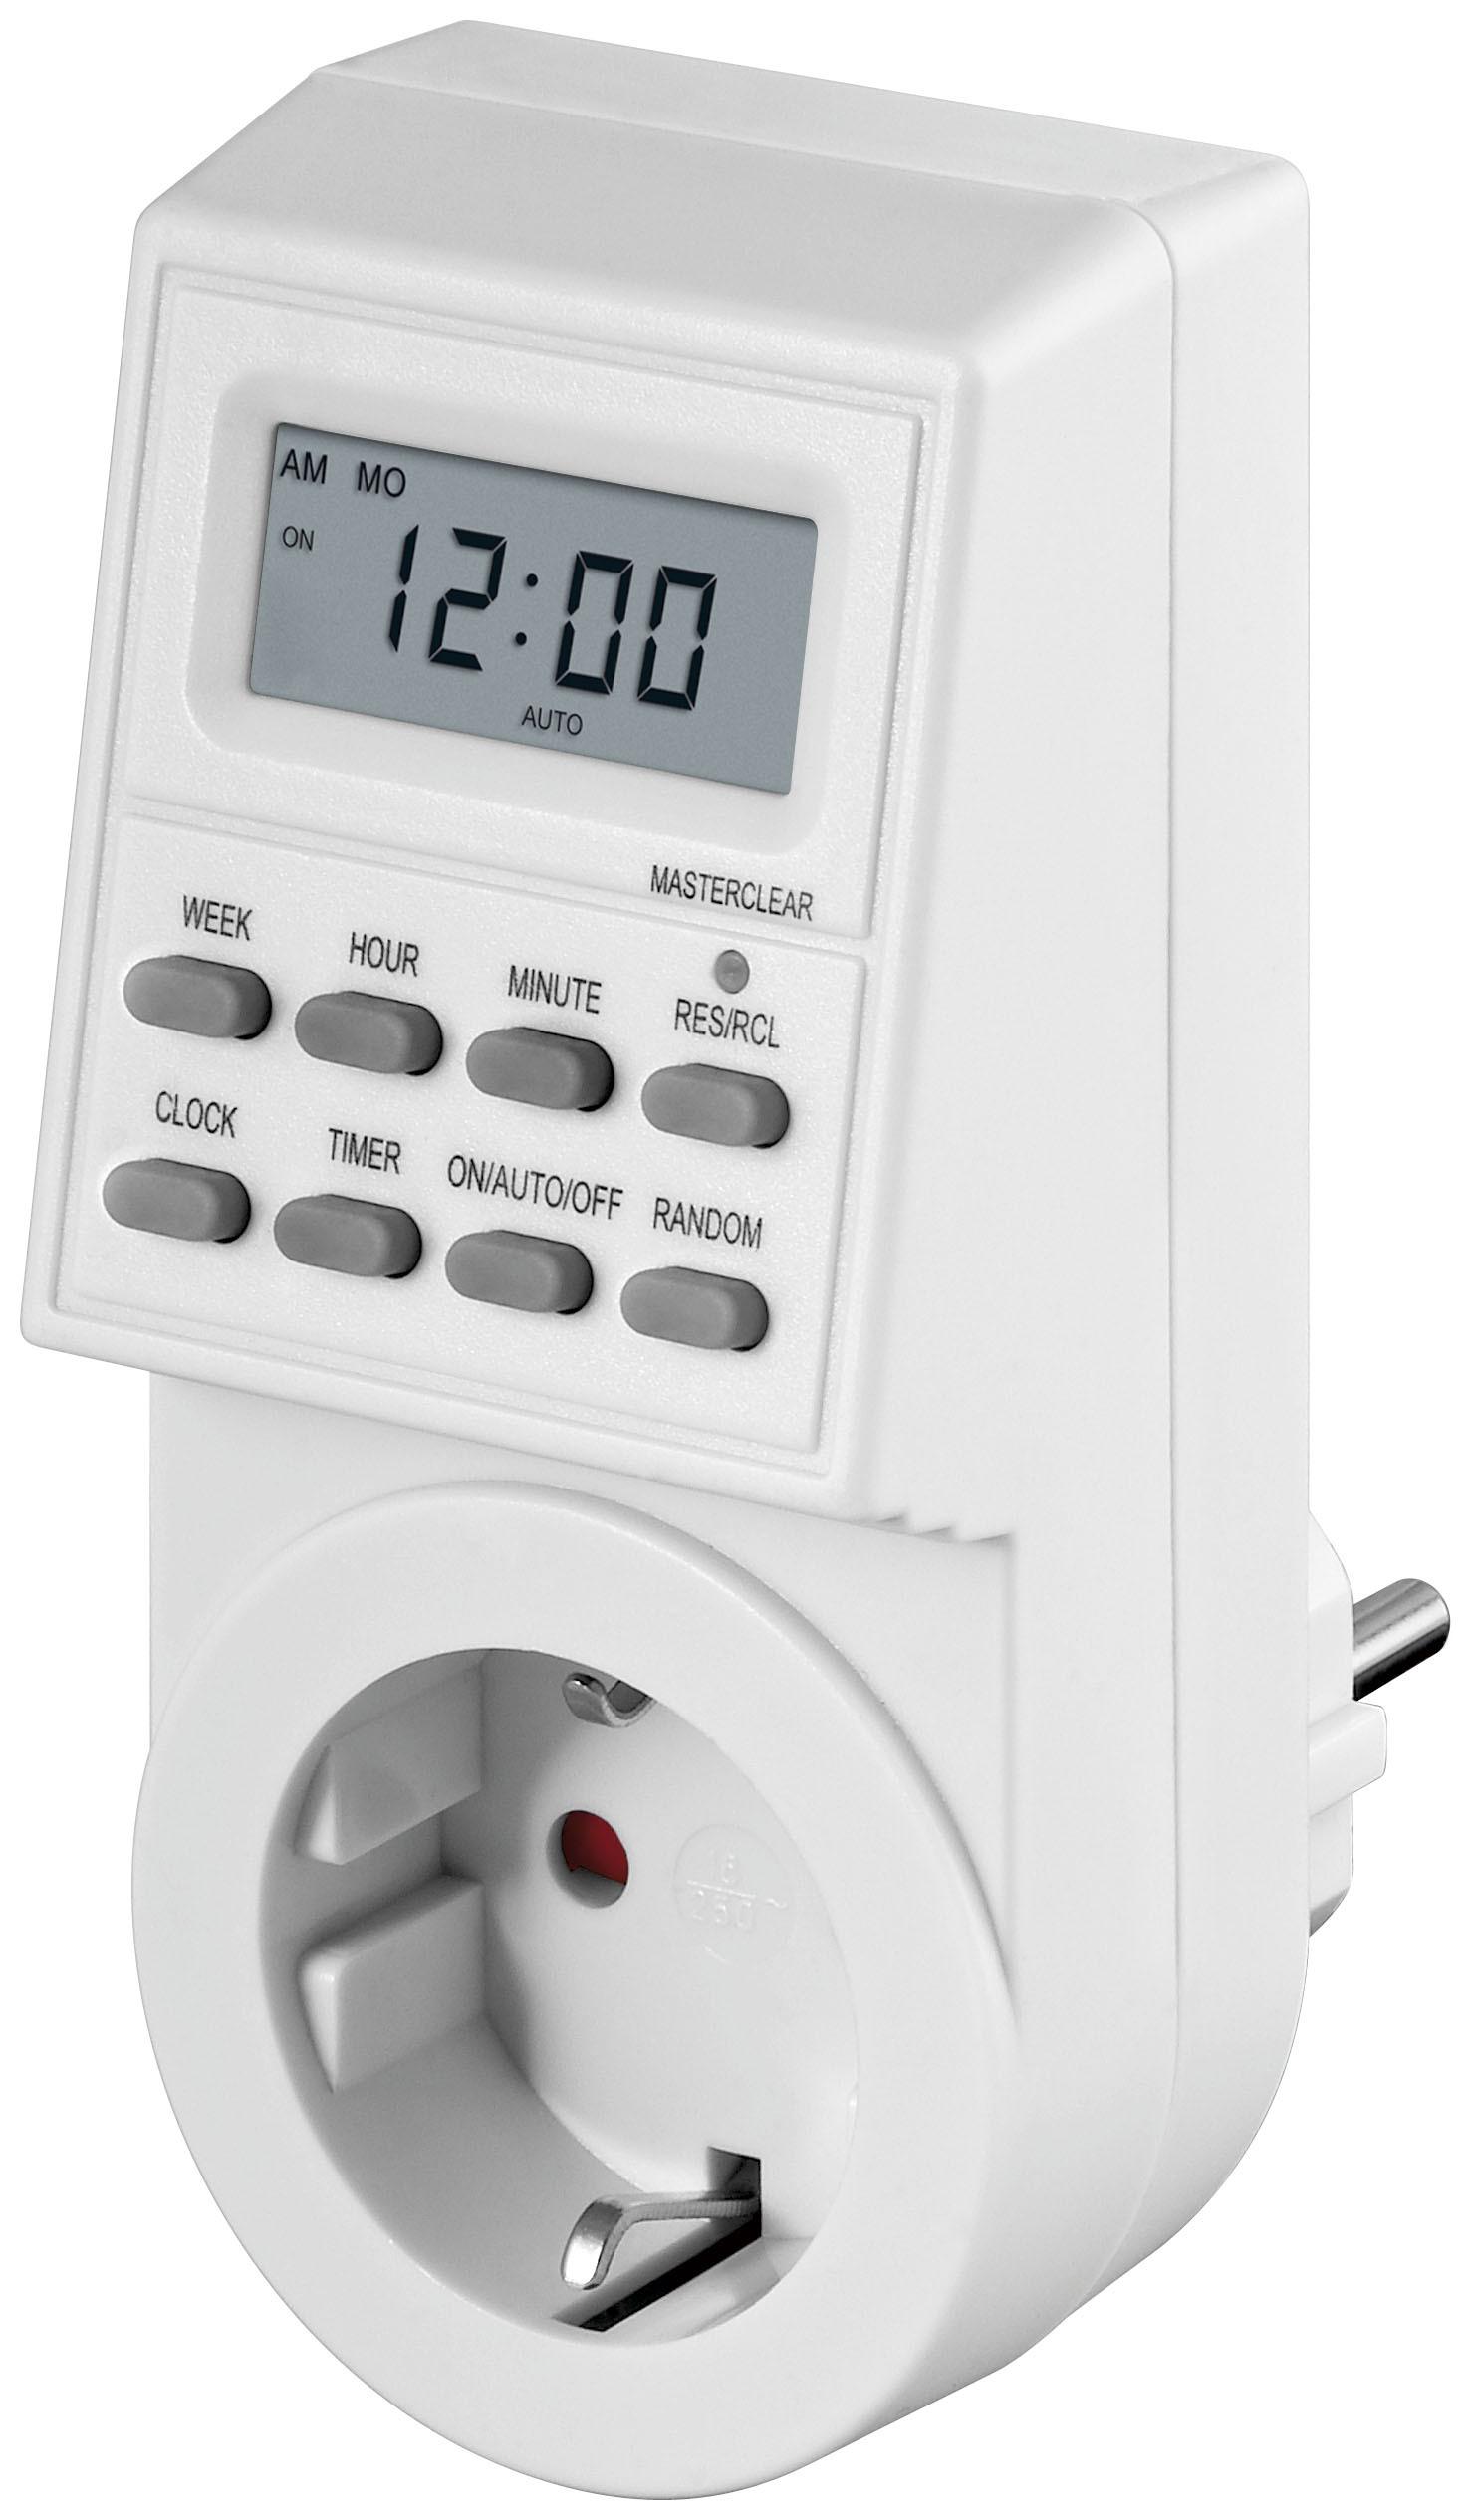 1 Stk präzise und... Weiß Goobay Digitale Zeitschaltuhr IP44 im Karton